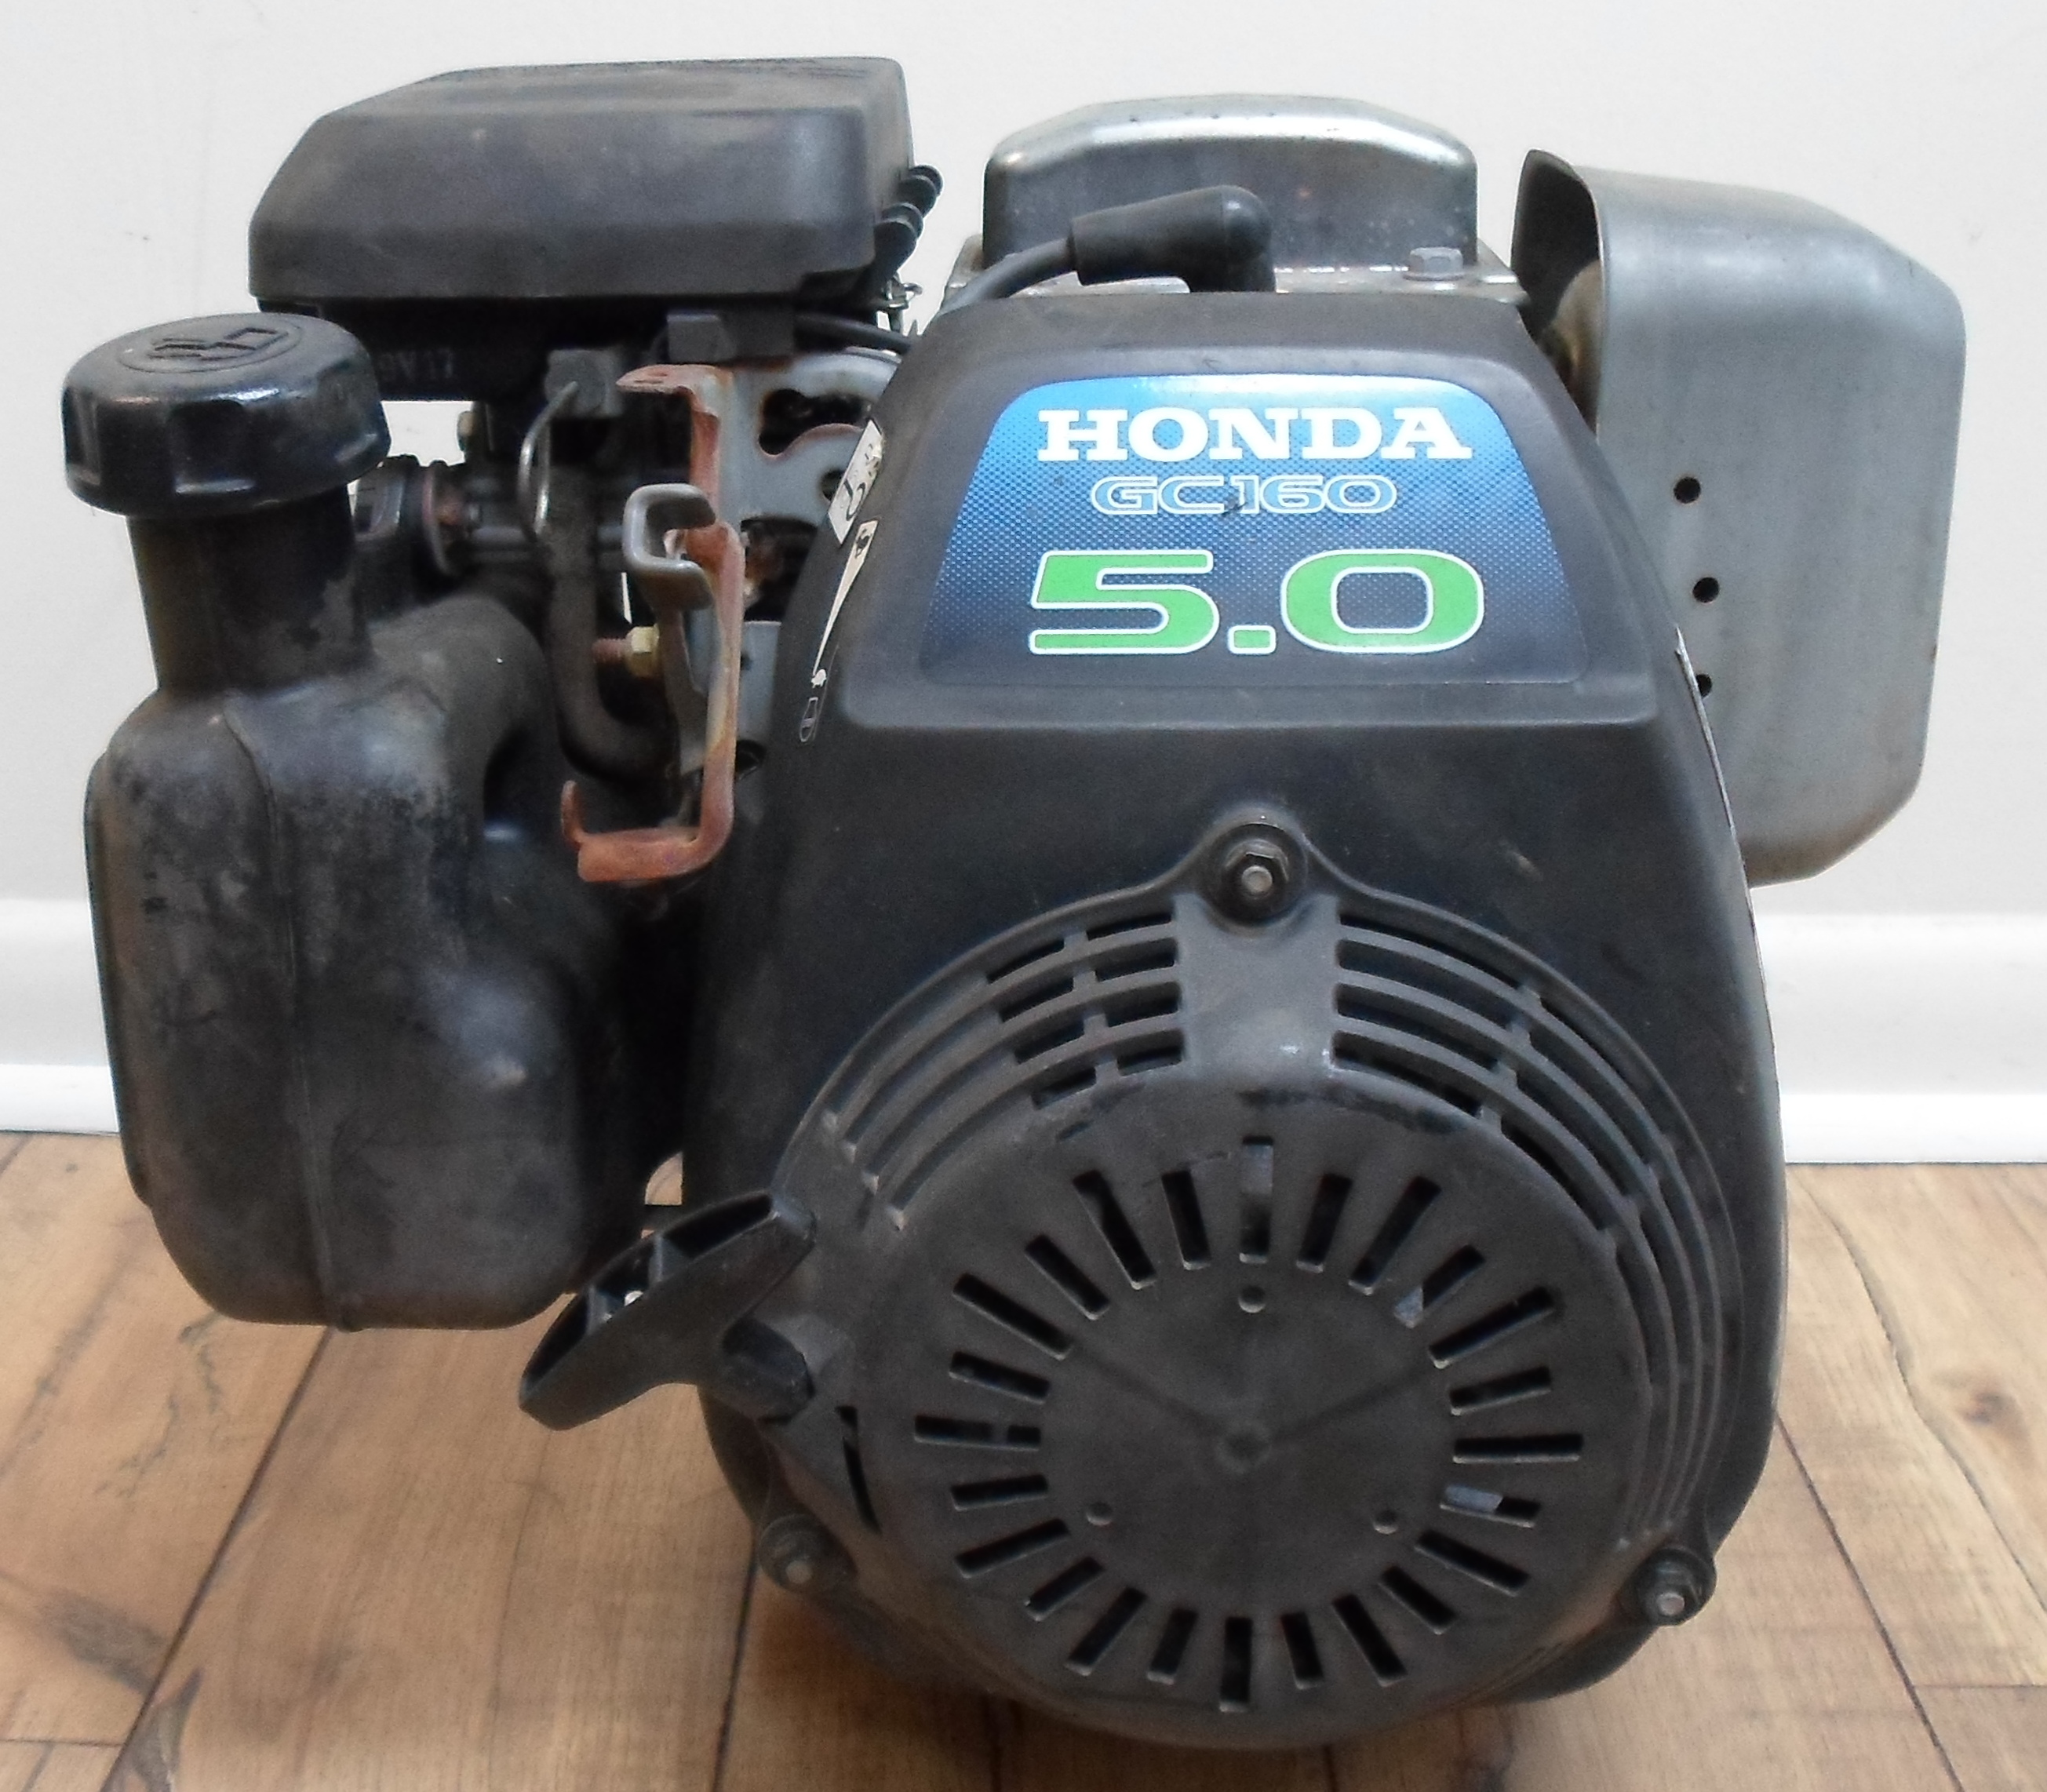 HONDA - GC160 - MOTOR 5.0 HP